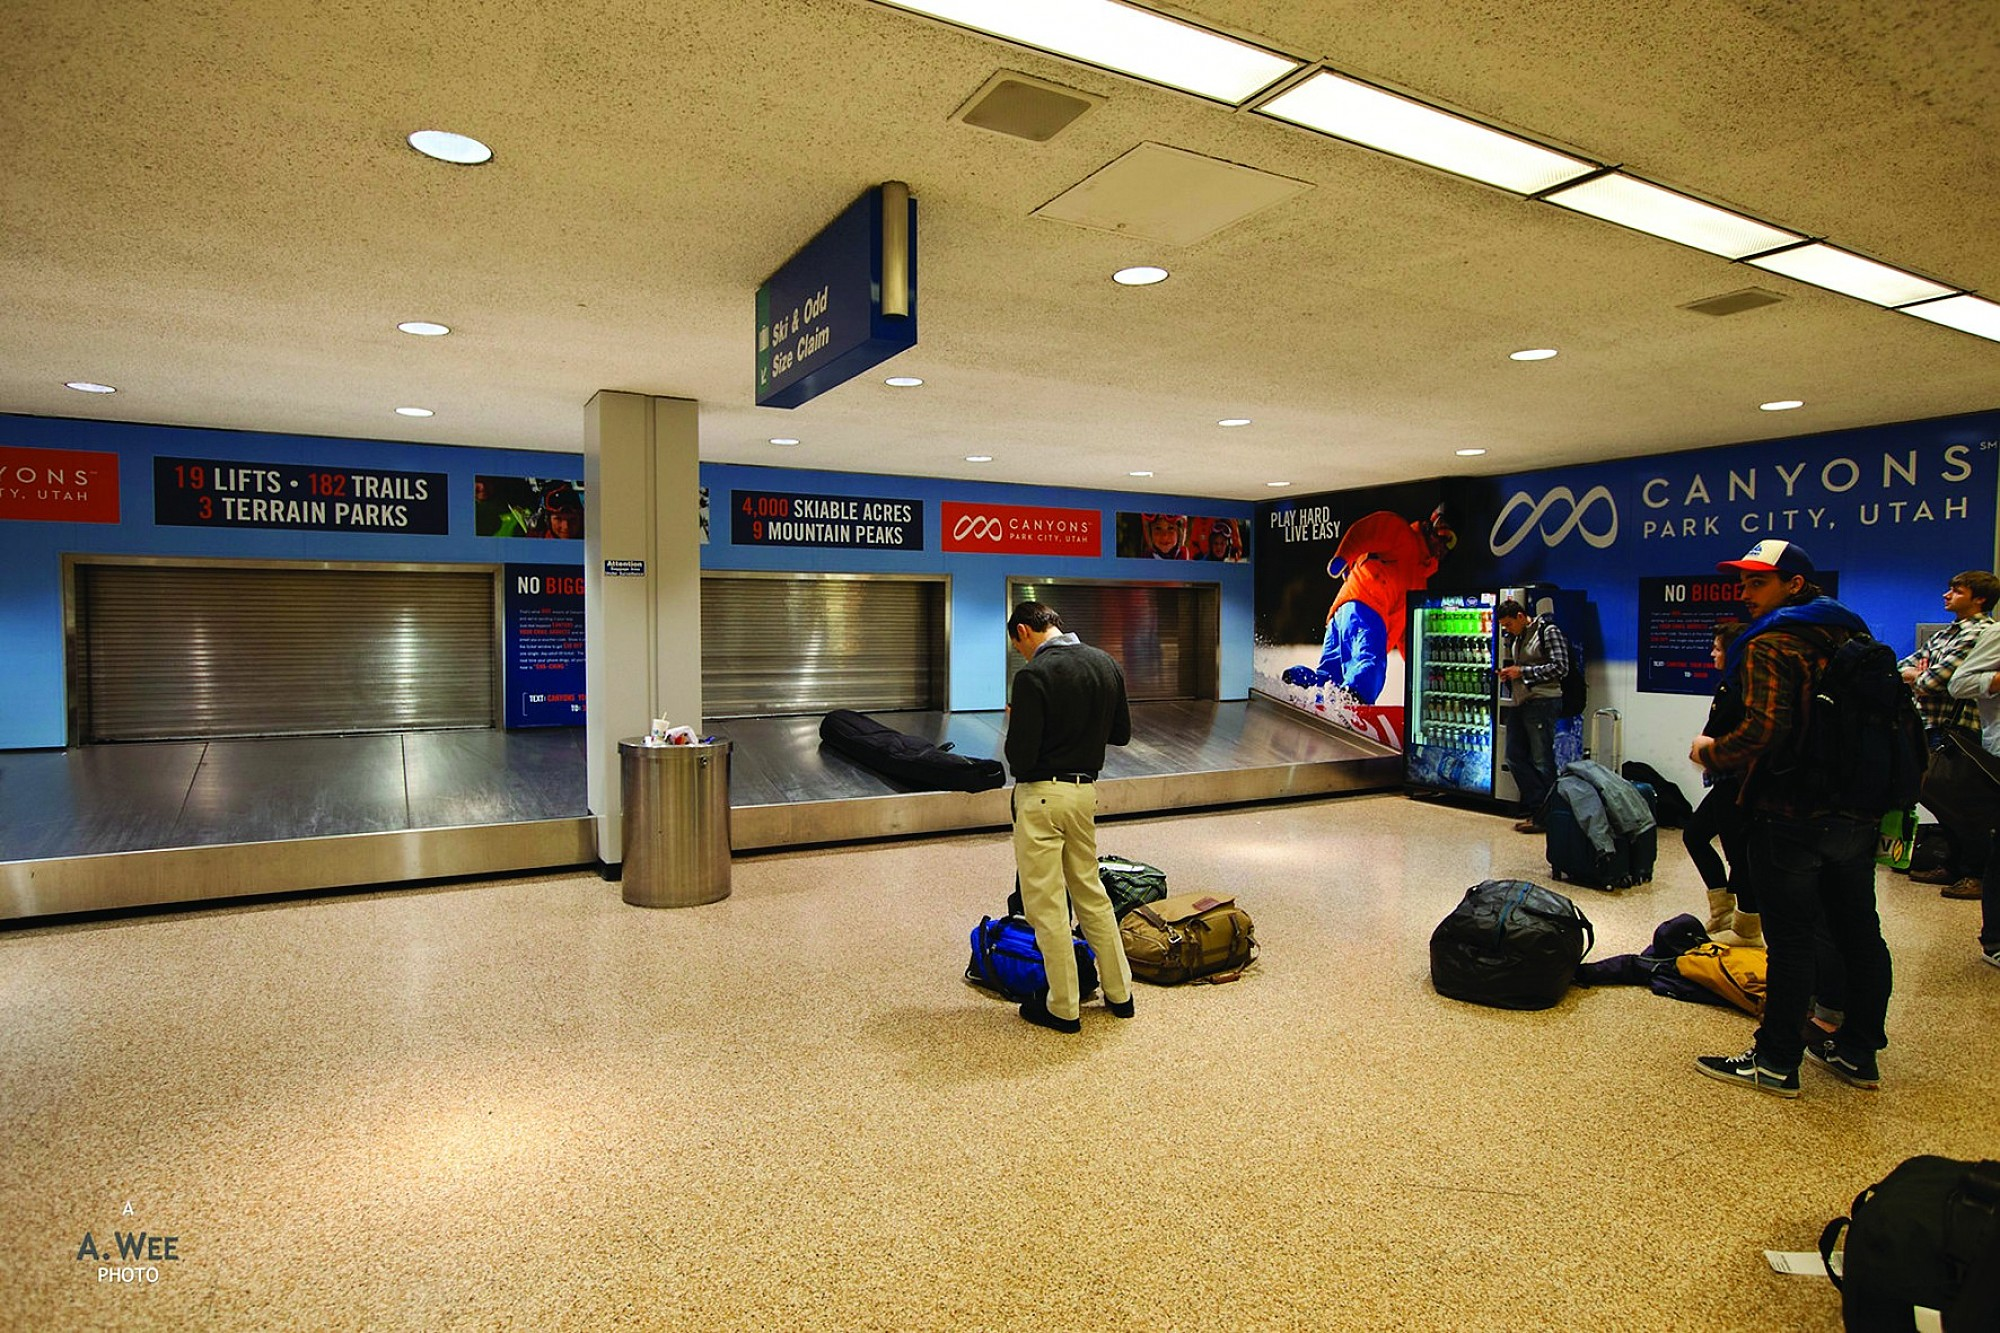 Где мой чемодан? Советы путешественникам